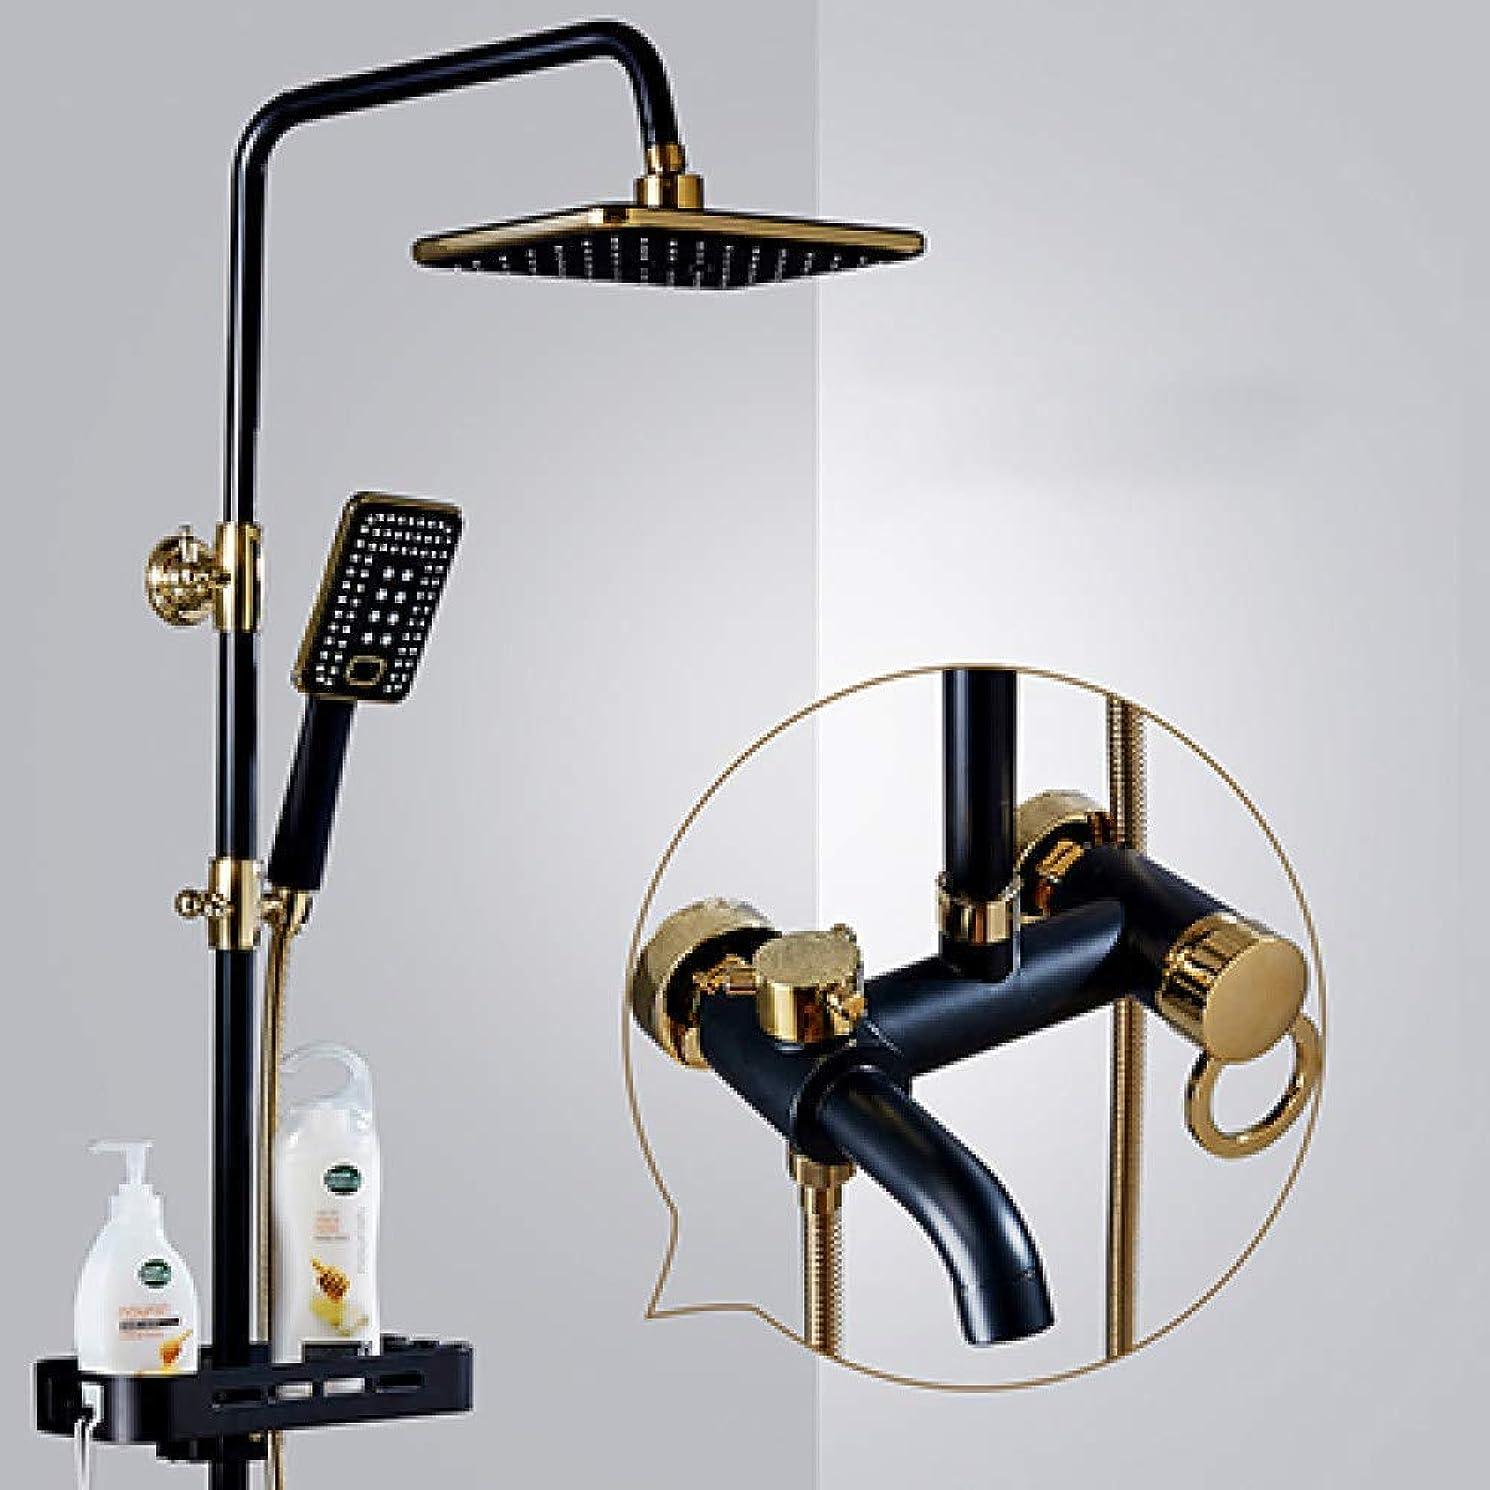 芝生ひねくれたアソシエイトシャワーヘッド 取り付け簡単 シャワーセット浴室のシャワーの蛇口セットブラックColden降雨コールド蛇口、温水蛇口セットミキサータップ、スタイル3、中国 (Color : Style 2, Size : 2)